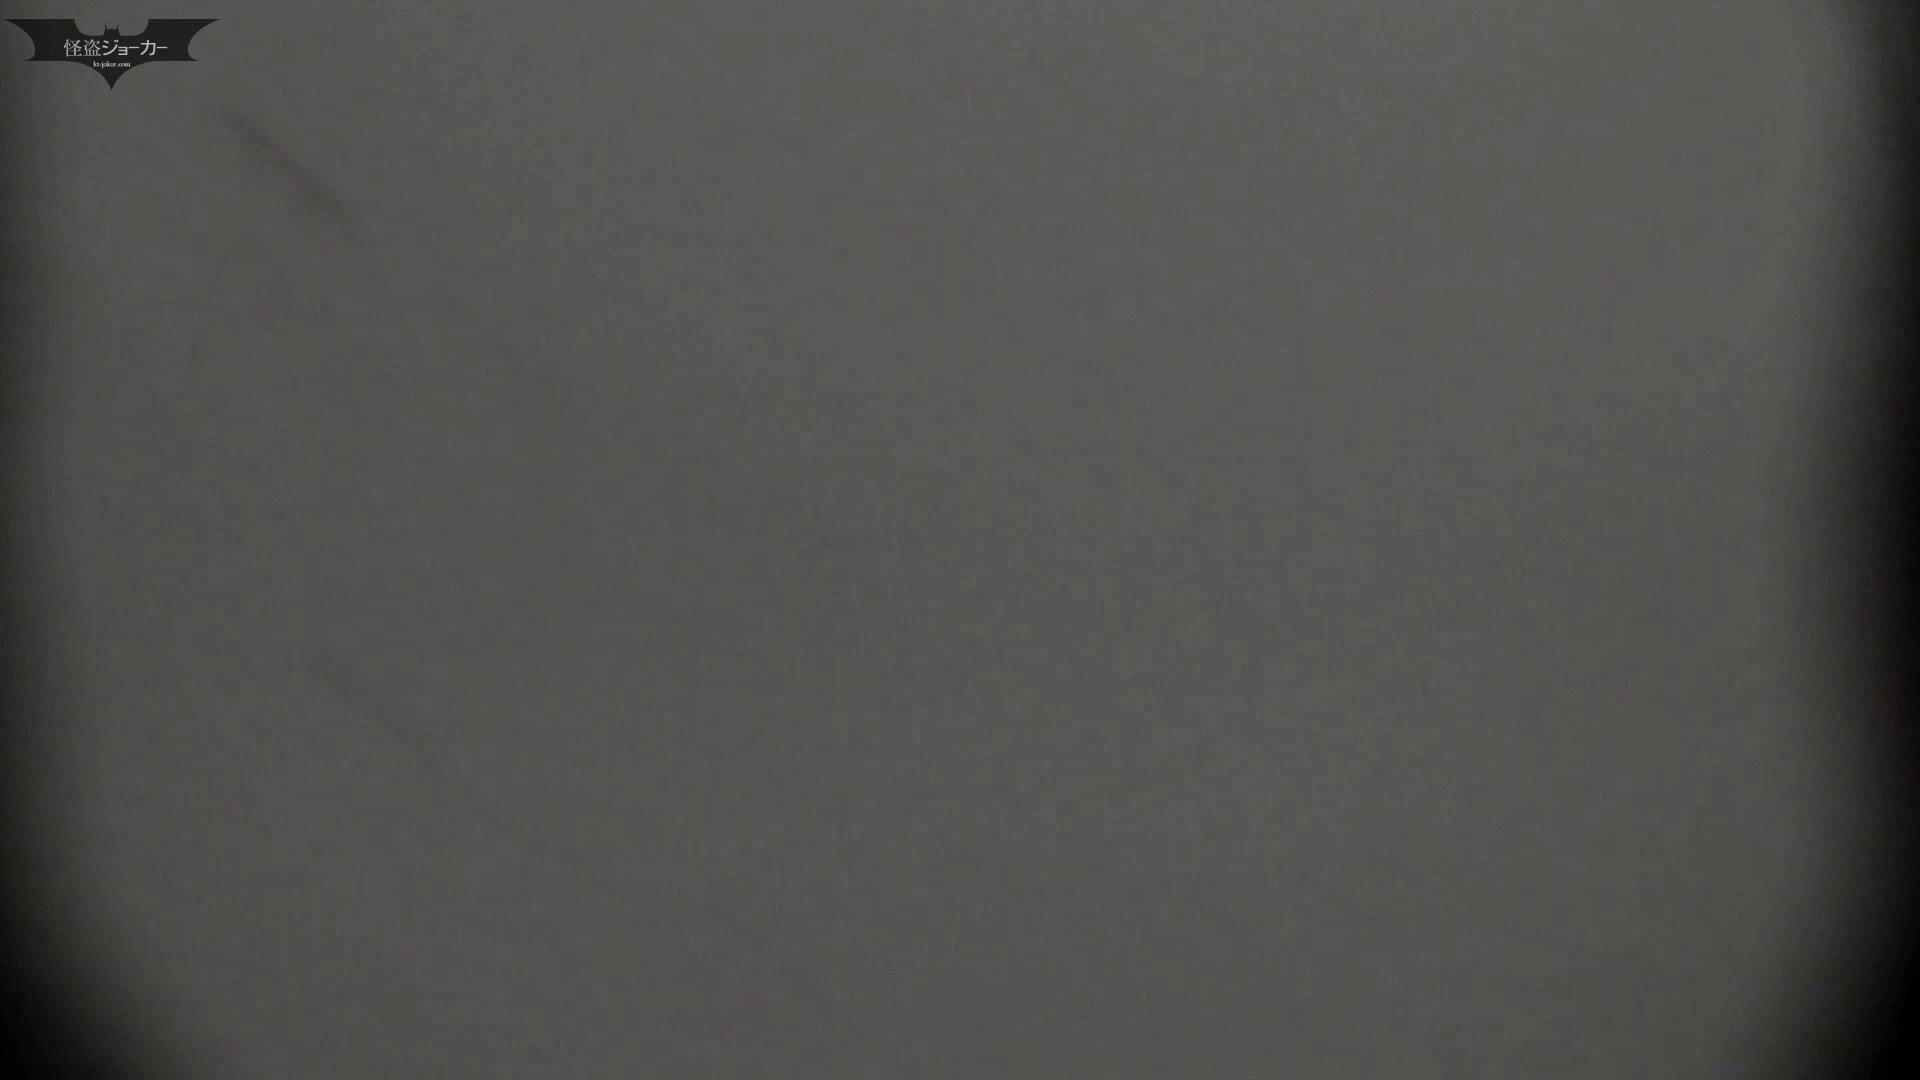 お銀さんの「洗面所突入レポート!!」 vol.51 突入最前線!おまけ付き OLの実態 覗きワレメ動画紹介 25pic 17